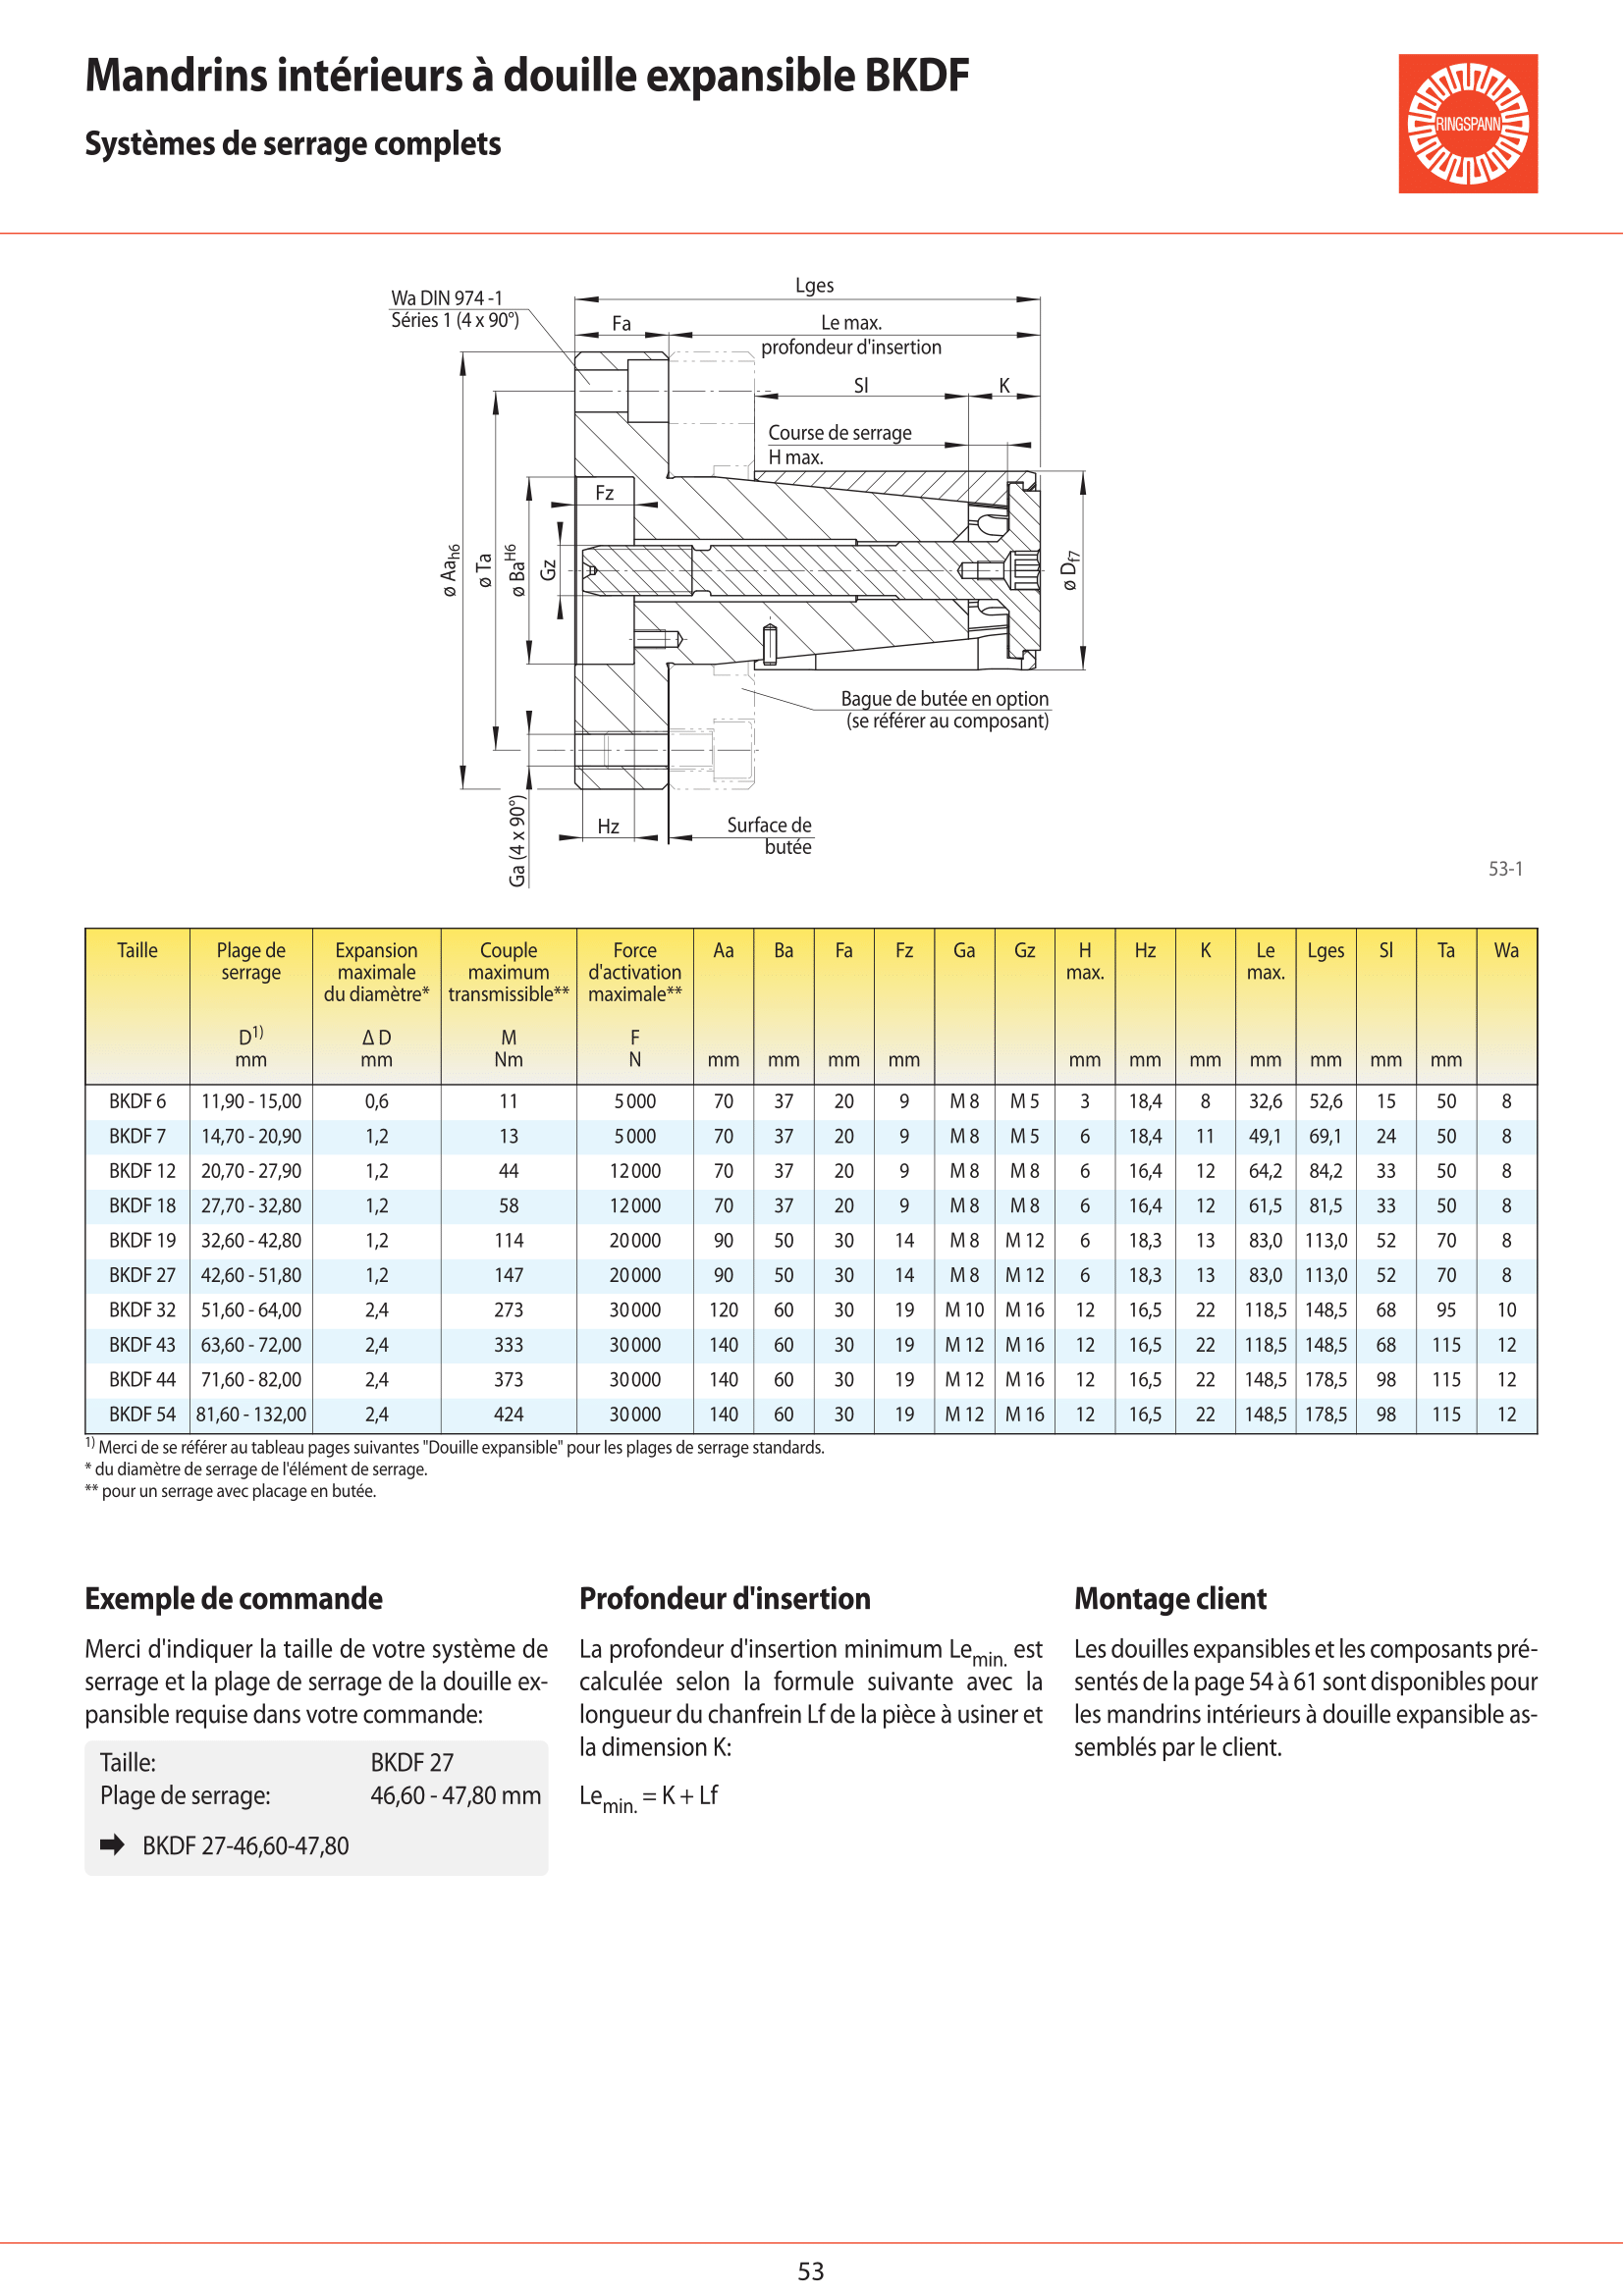 Fiche technique - BKDF page 2